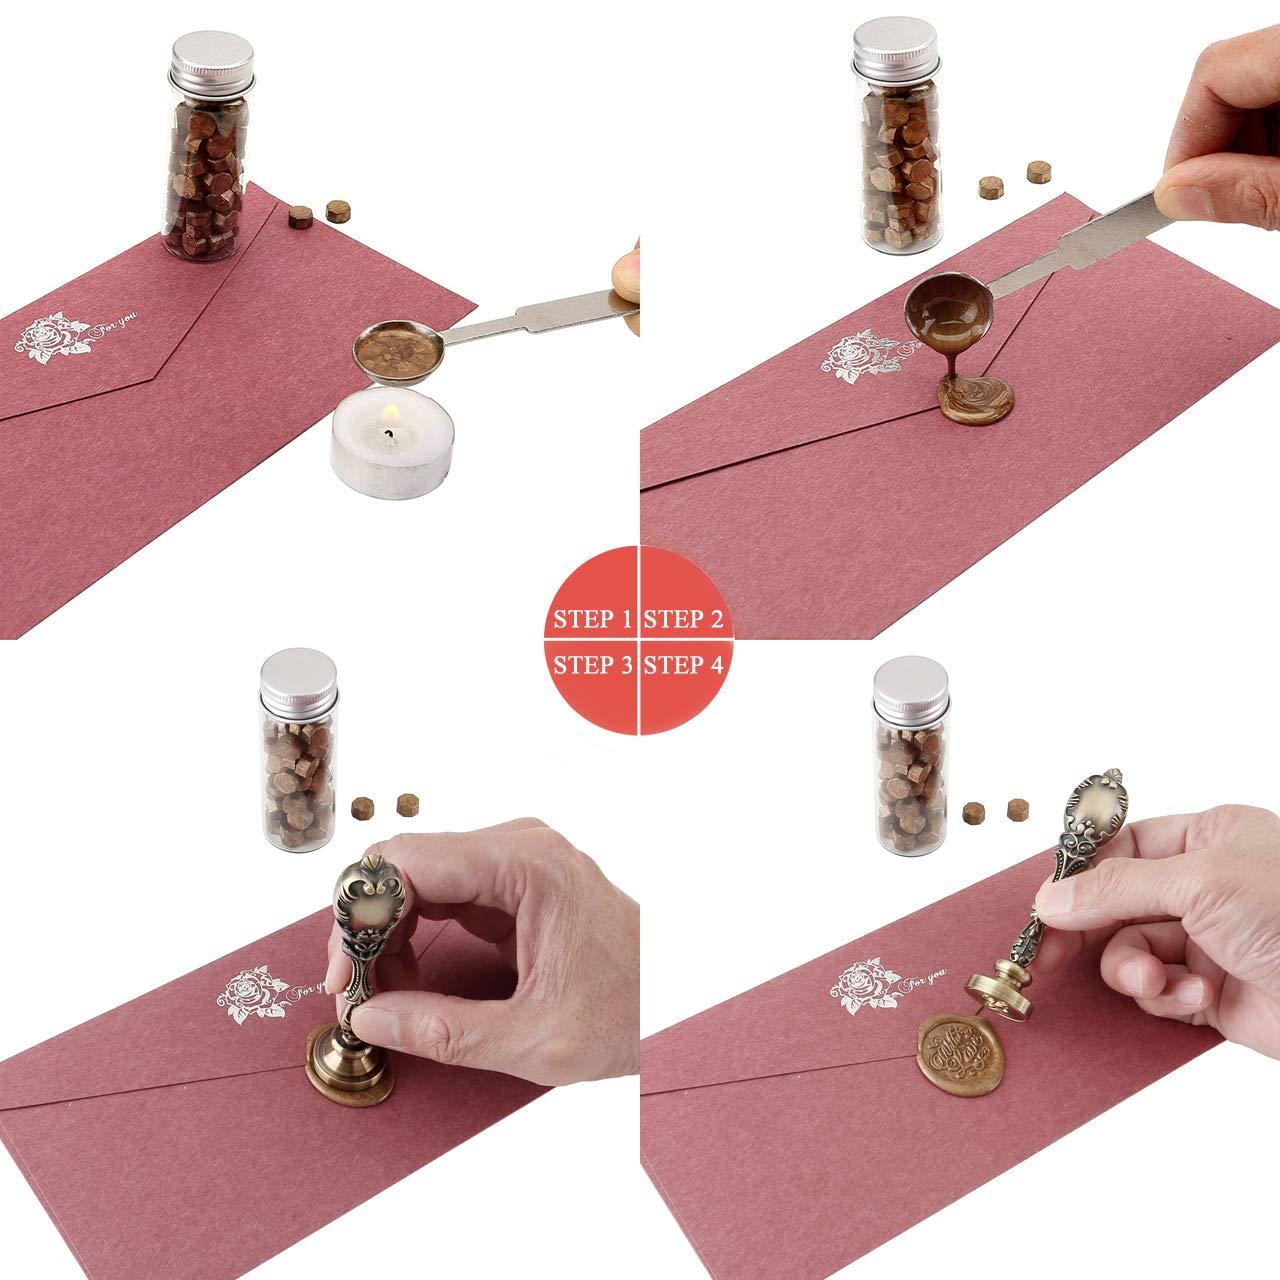 Schwarz-Wei/ß Bild Kundenspezifische Mogokoyo Customized Kundenspezifische Gravur Wachs Siegelstempel Stempel mit Bronze Griff Vintage Retro Kupfer Siegel Personalisierte Segen